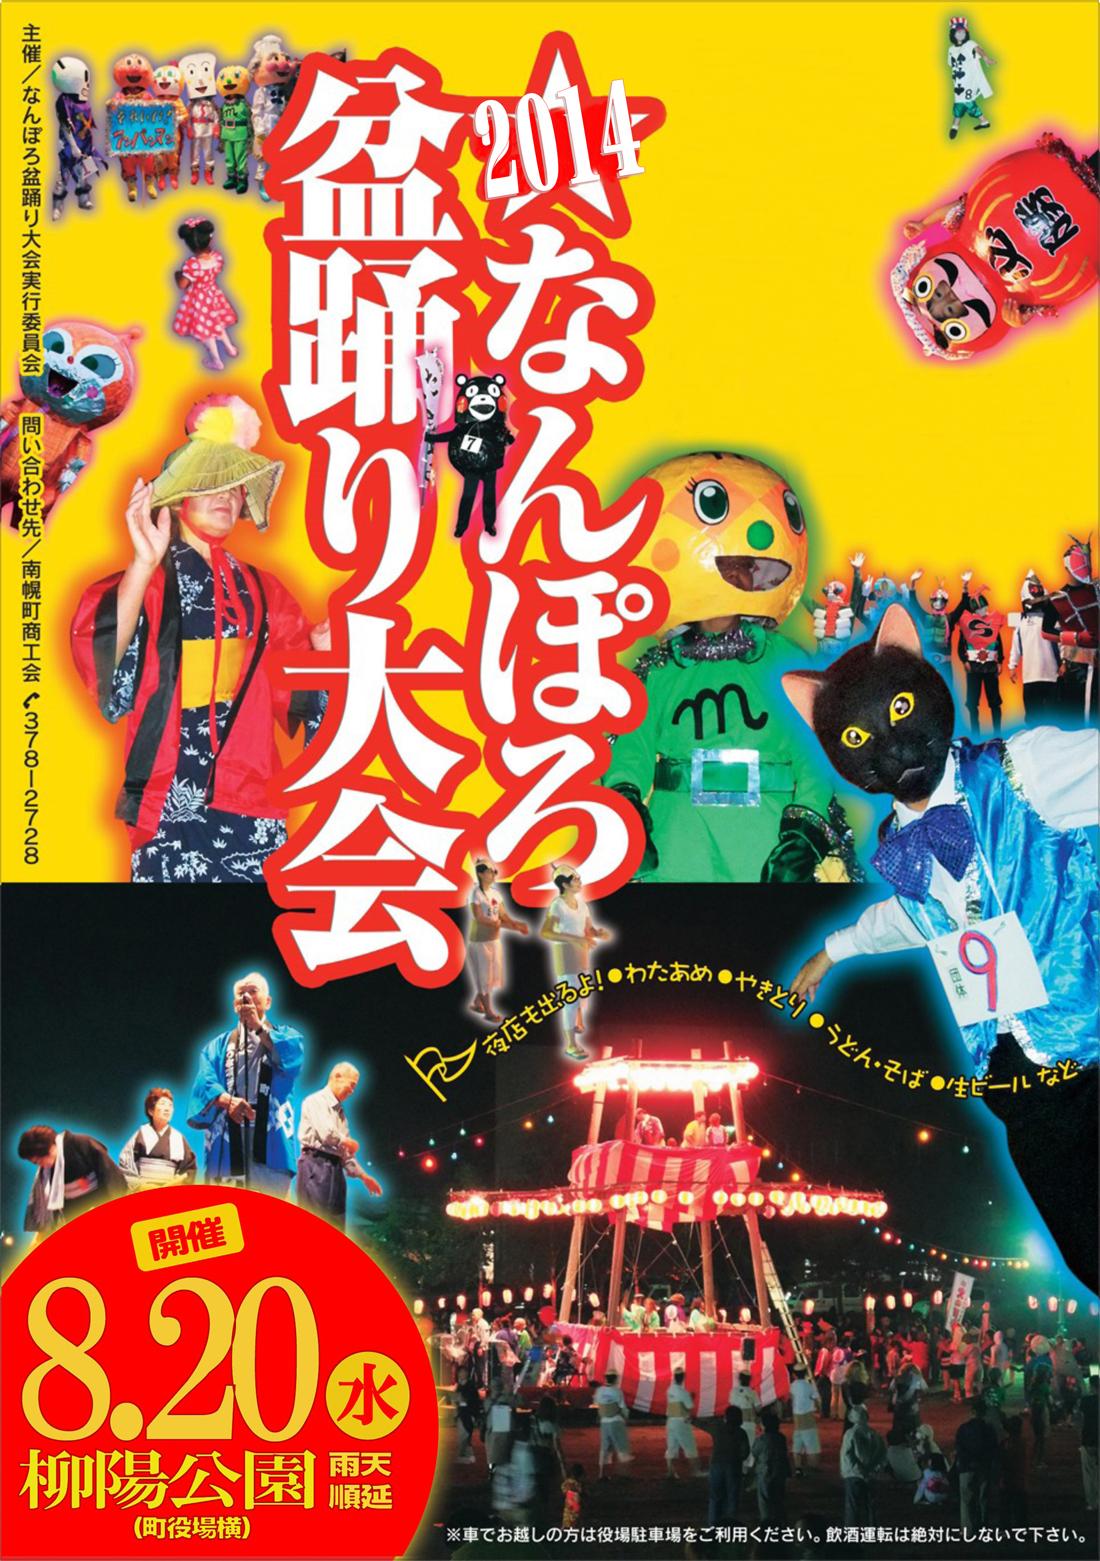 南幌 盆踊り 1100